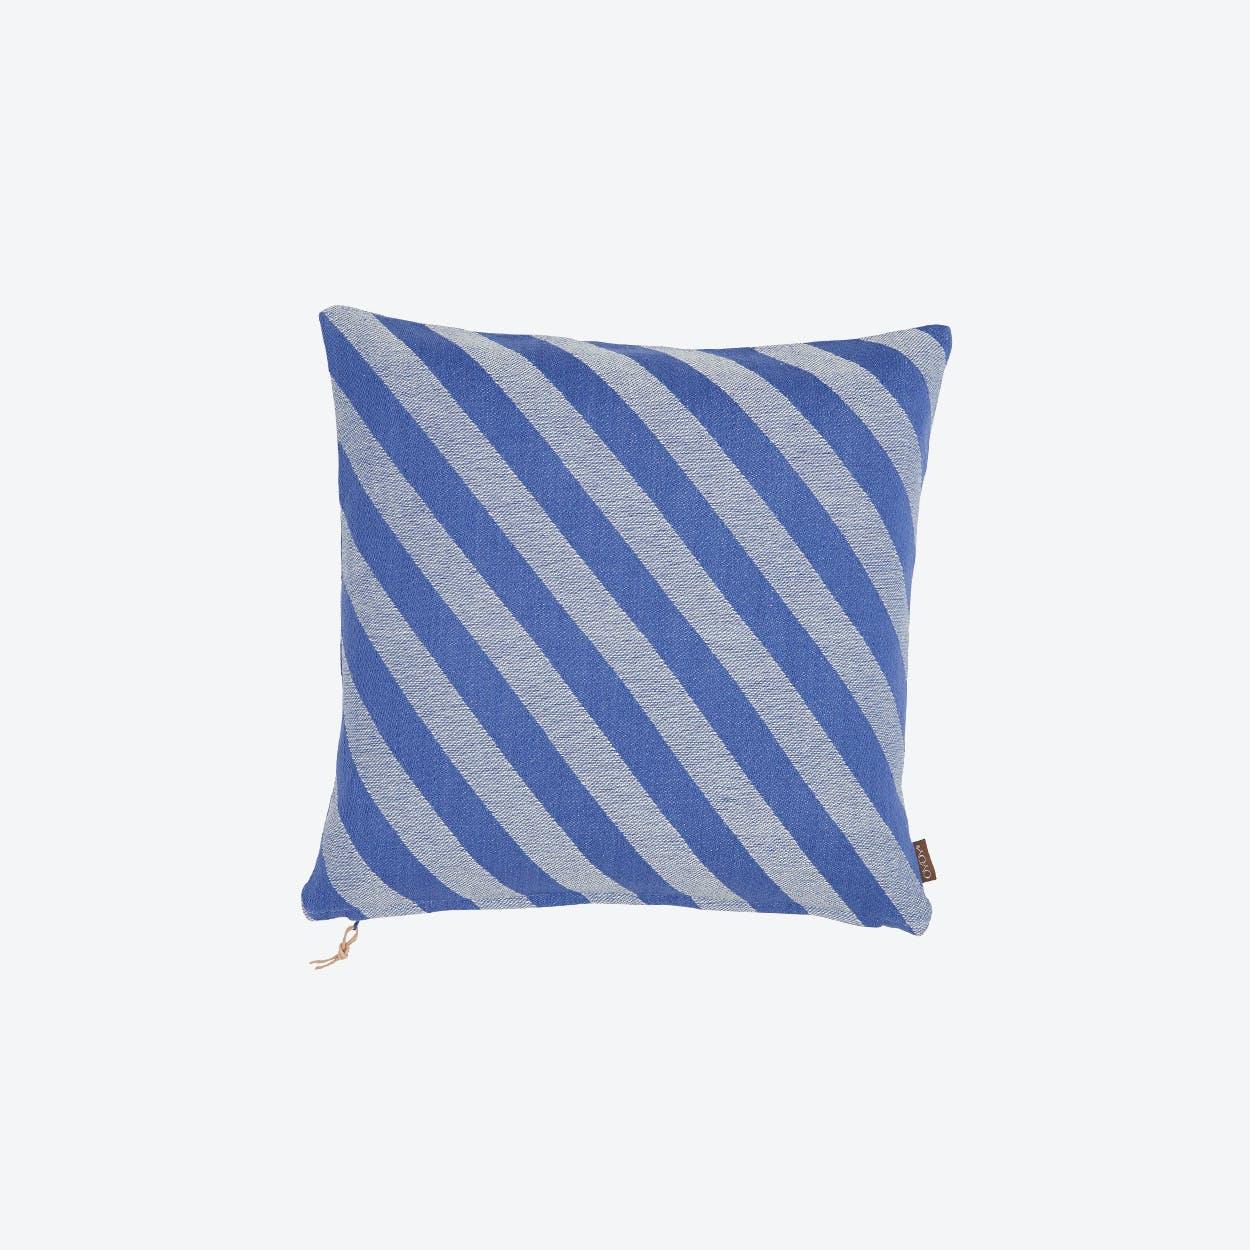 Fluffy Cushion in Blue